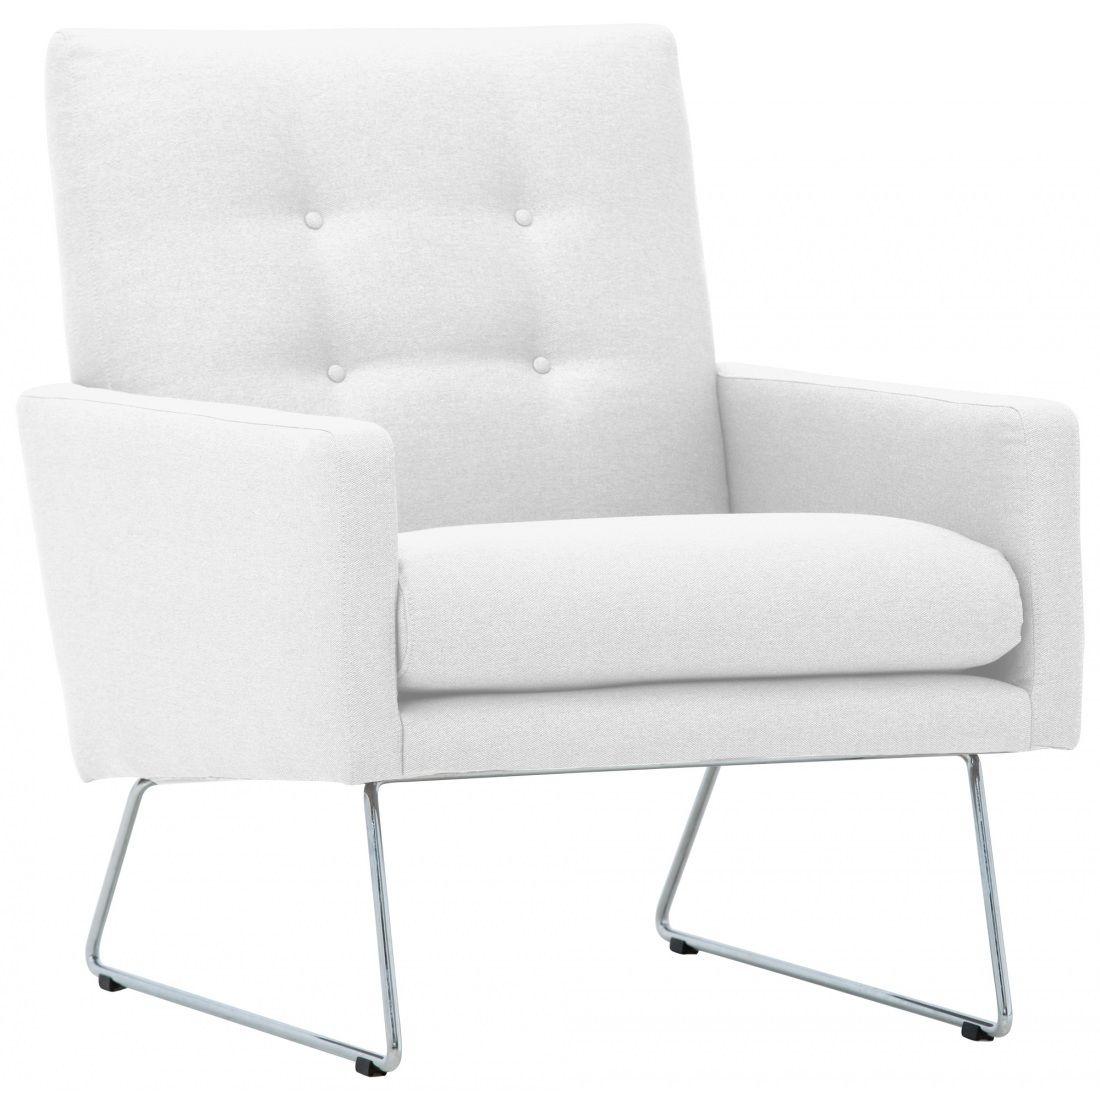 Ansprechend Designer Fernsehsessel Ideen Von Sessel Weiß Loungesessel Jetzt Bestellen Unter: Http://www.woonio